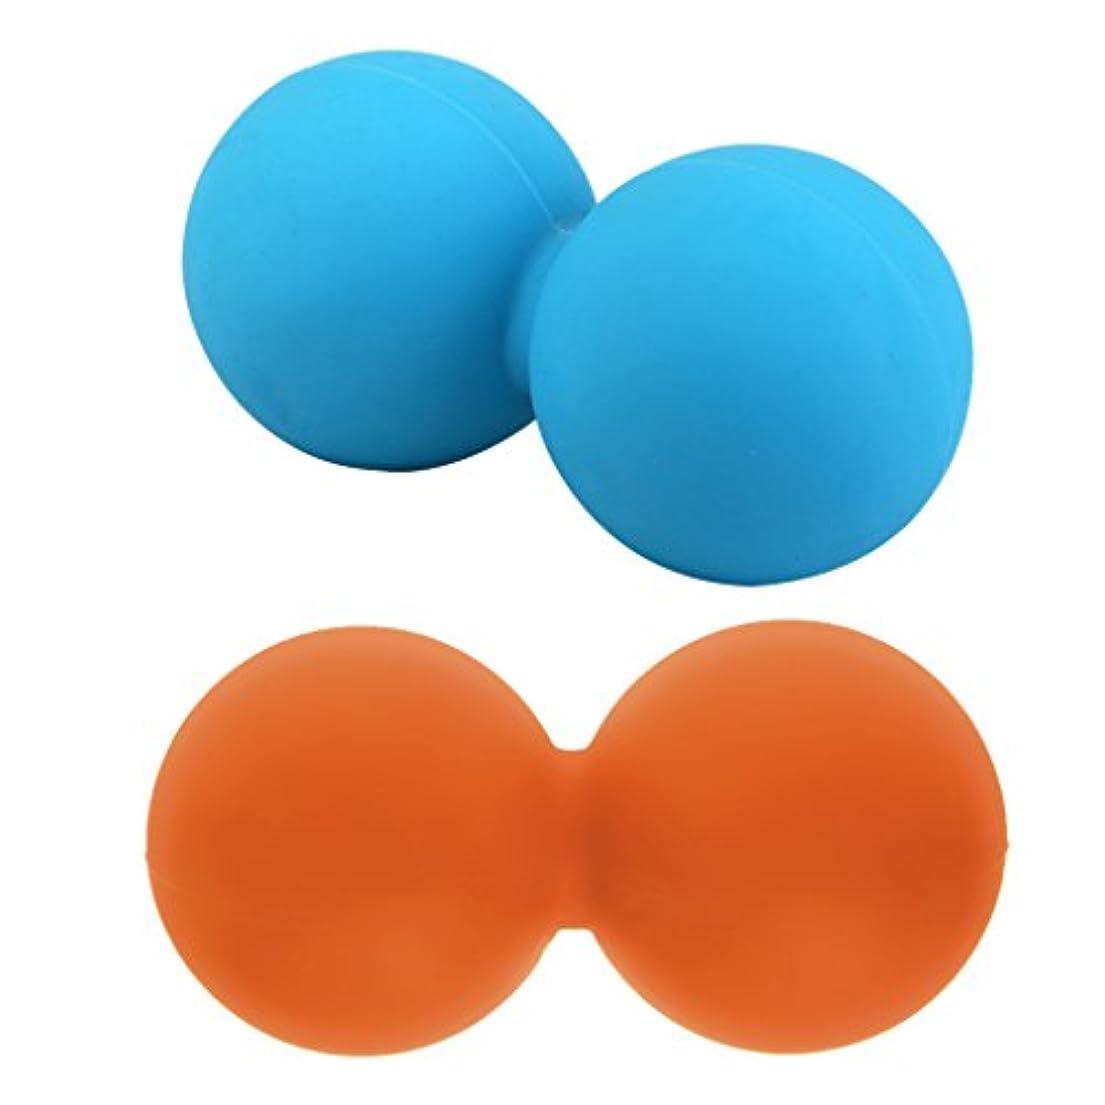 医療過誤宣伝十分Hellery 2本 マッサージボール ピーナッツボール シリコン フィットネス ヨガ 触覚ボール 筋膜リリース